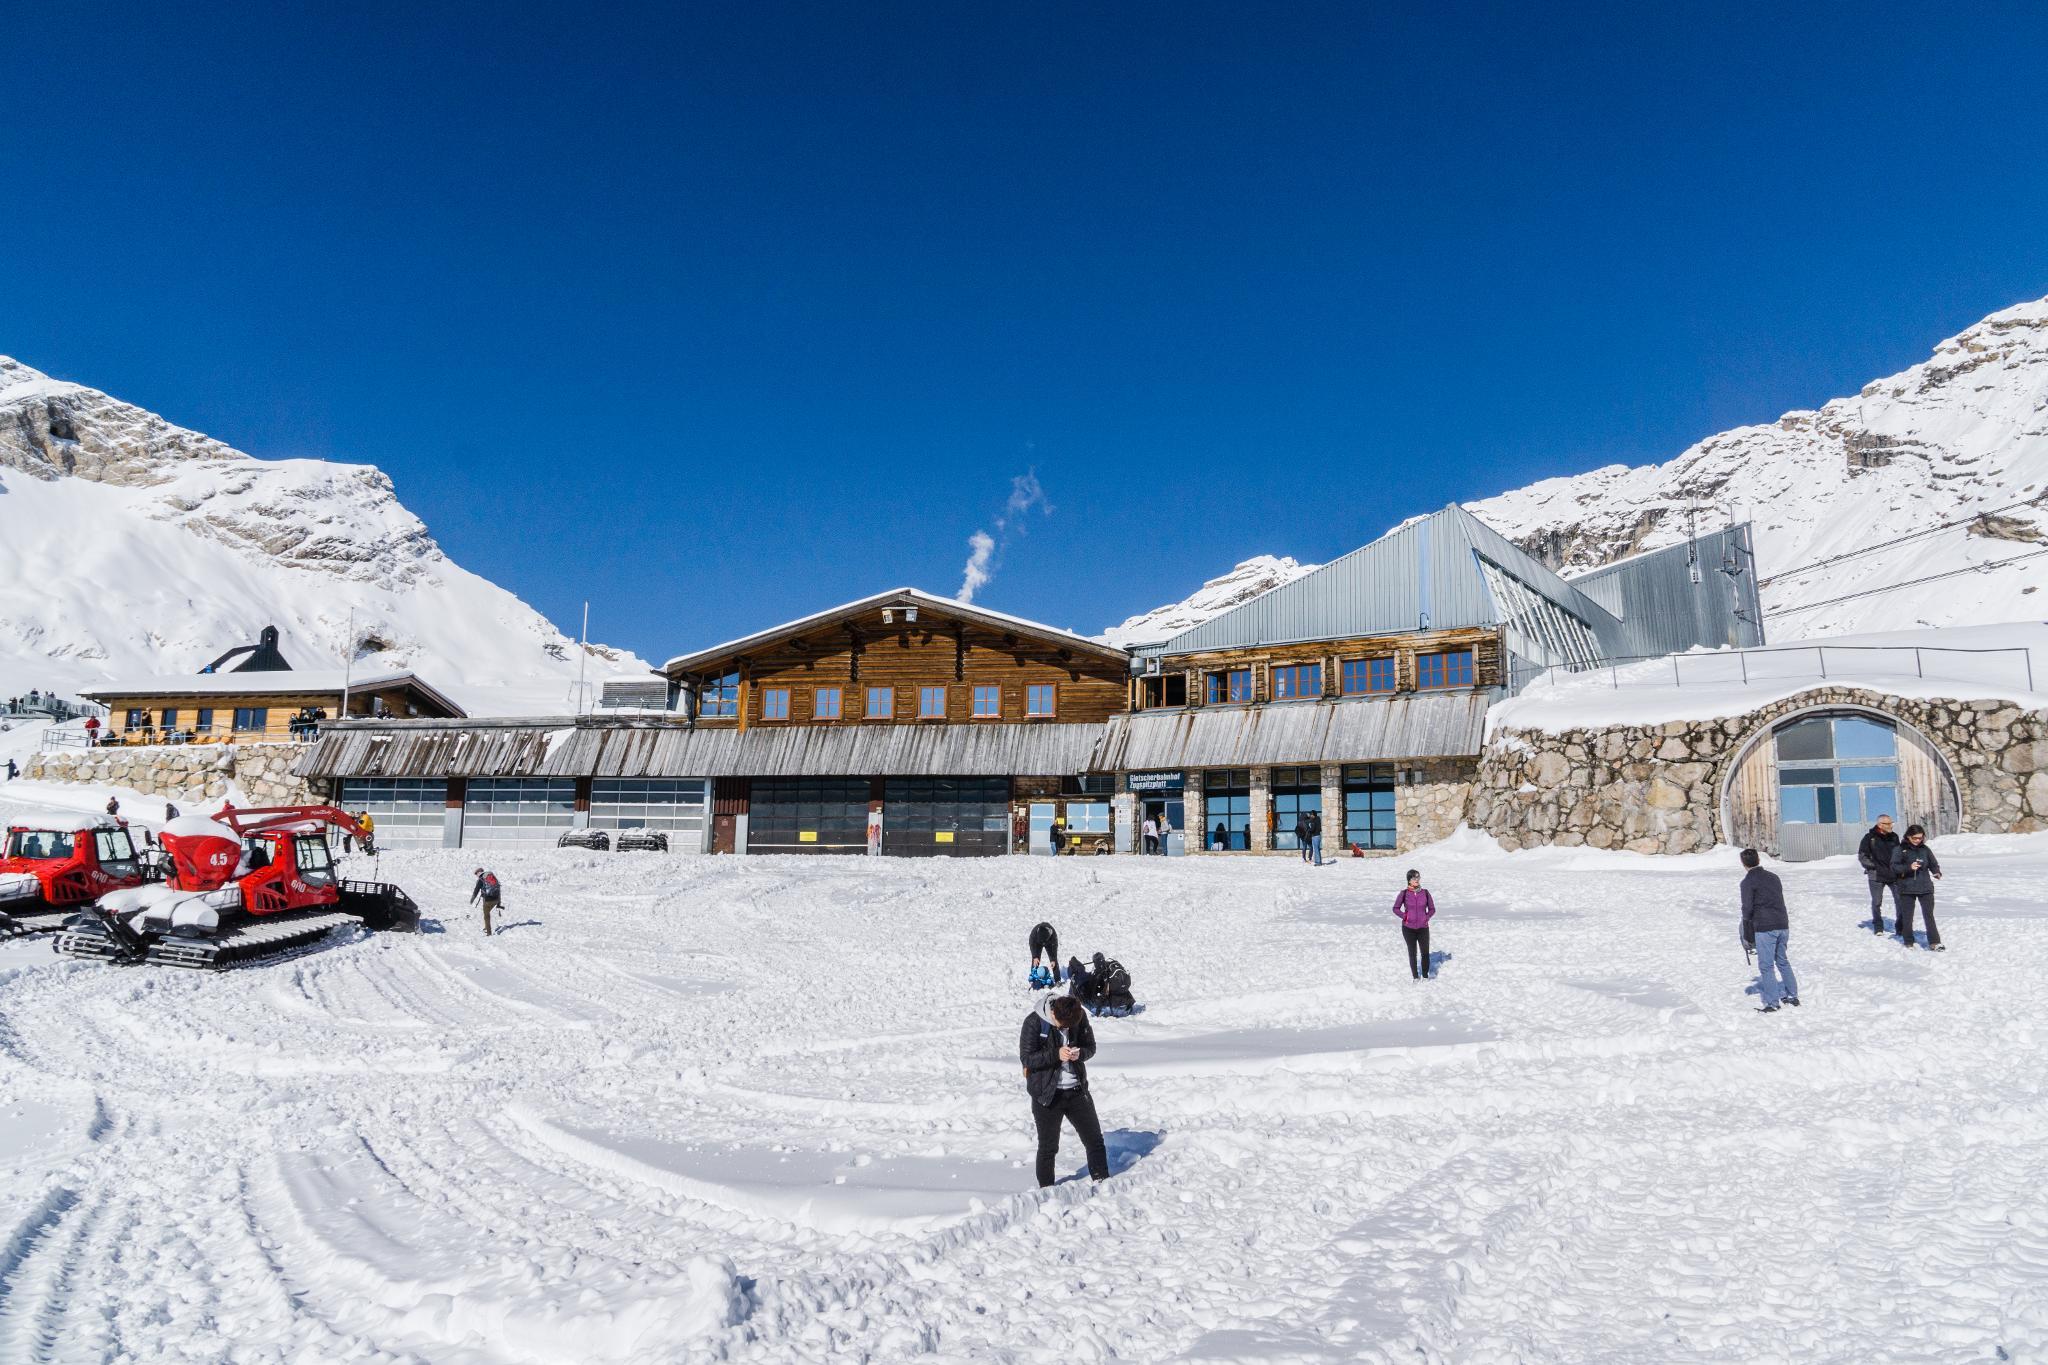 【德國】阿爾卑斯大道:楚格峰 (Zugspitze) 登上德國之巔 19